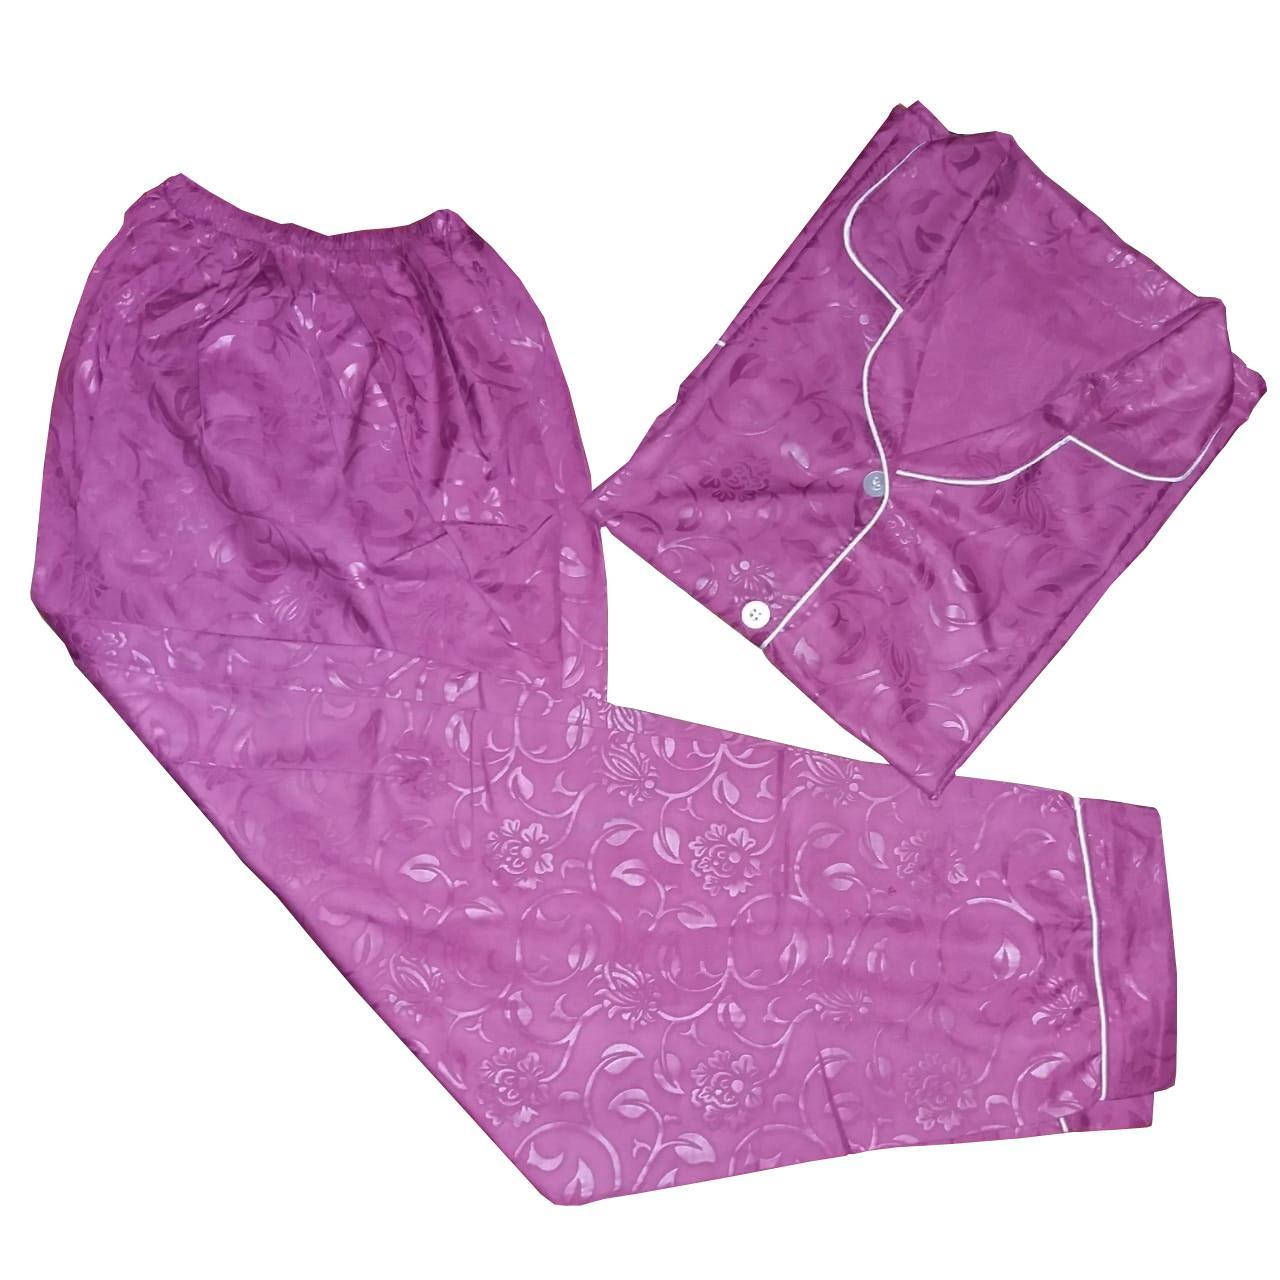 piyama baju bobok baju santai baju tidur terlaris-baju tidur ter update-s'cokey/ baju tidur/pakaian tidur wanita/ pakaian wanita/ pakaian fashion wanita/ baju piama/ bajua santai wanita.